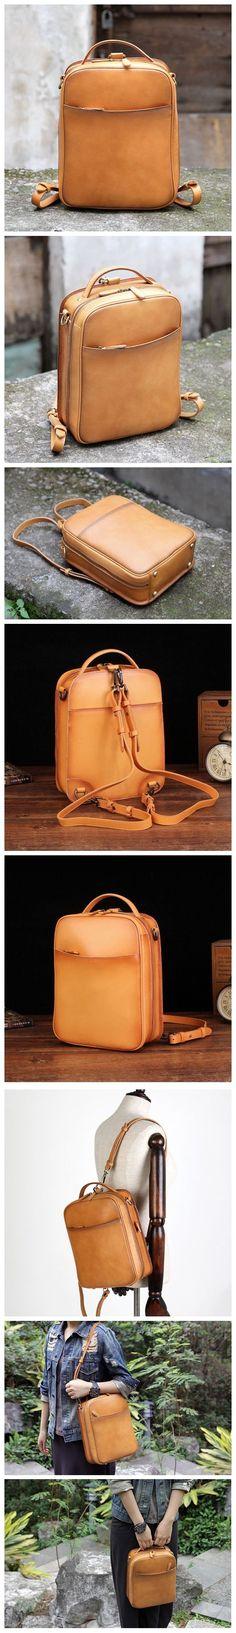 Genuine leather backpack rucksack shoulder bag messenger women's handbag 14085